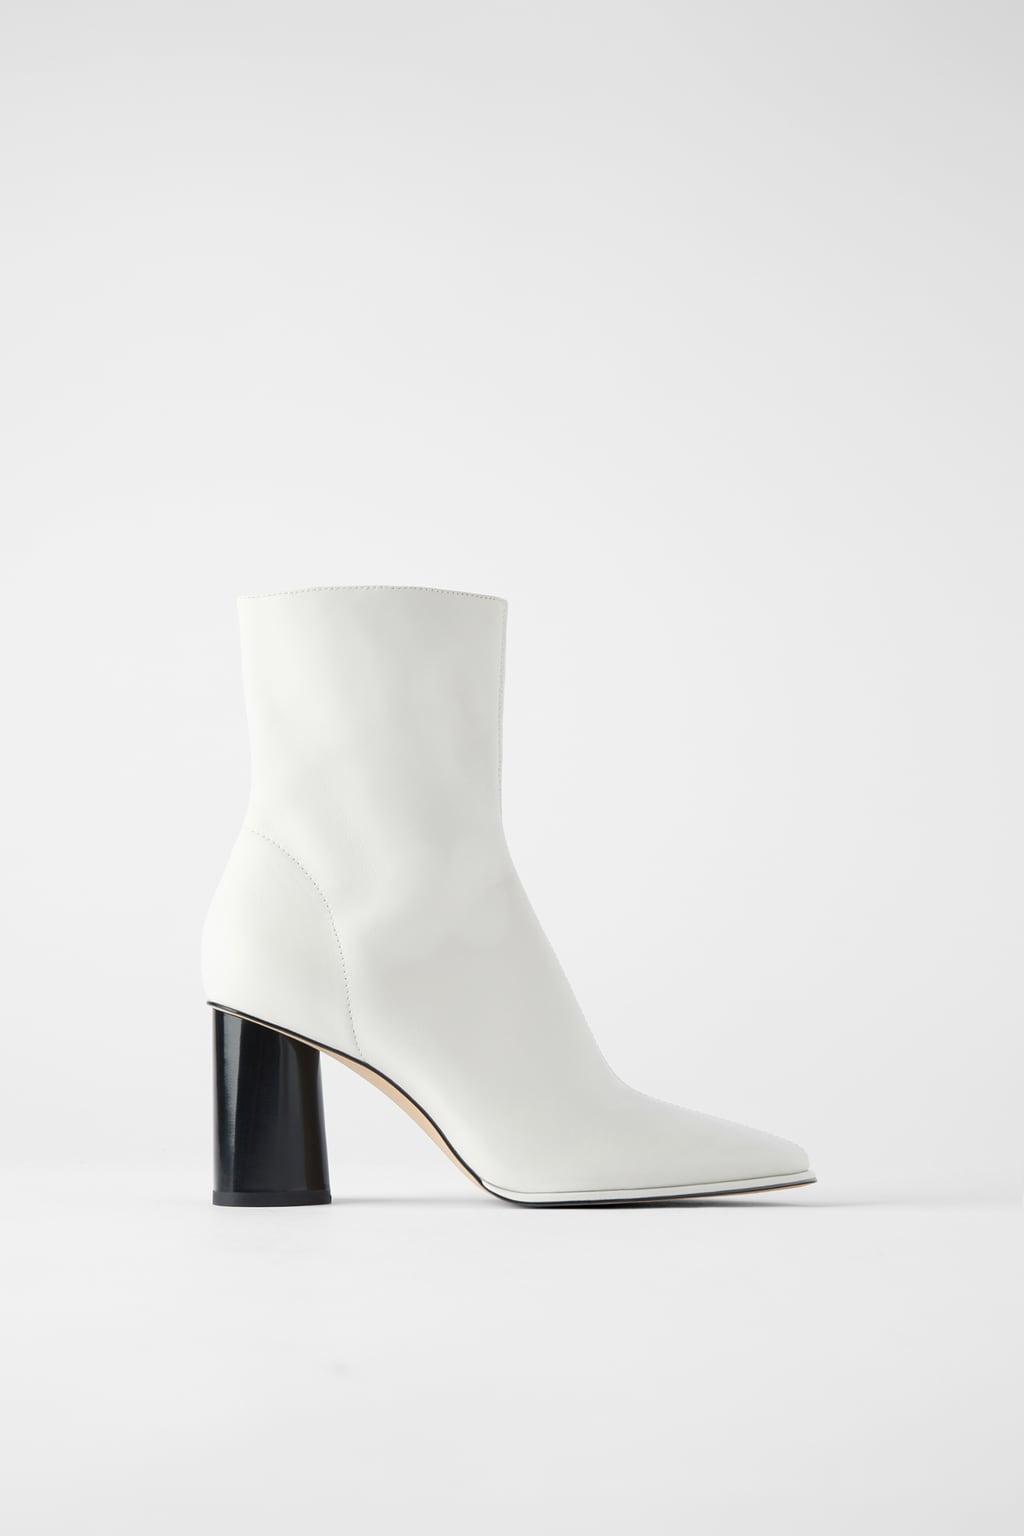 Οδηγός Αγοράς: 8 ζευγάρια λευκά μποτάκια και μπότες για εμφανίσεις με αέρα από τα 70s